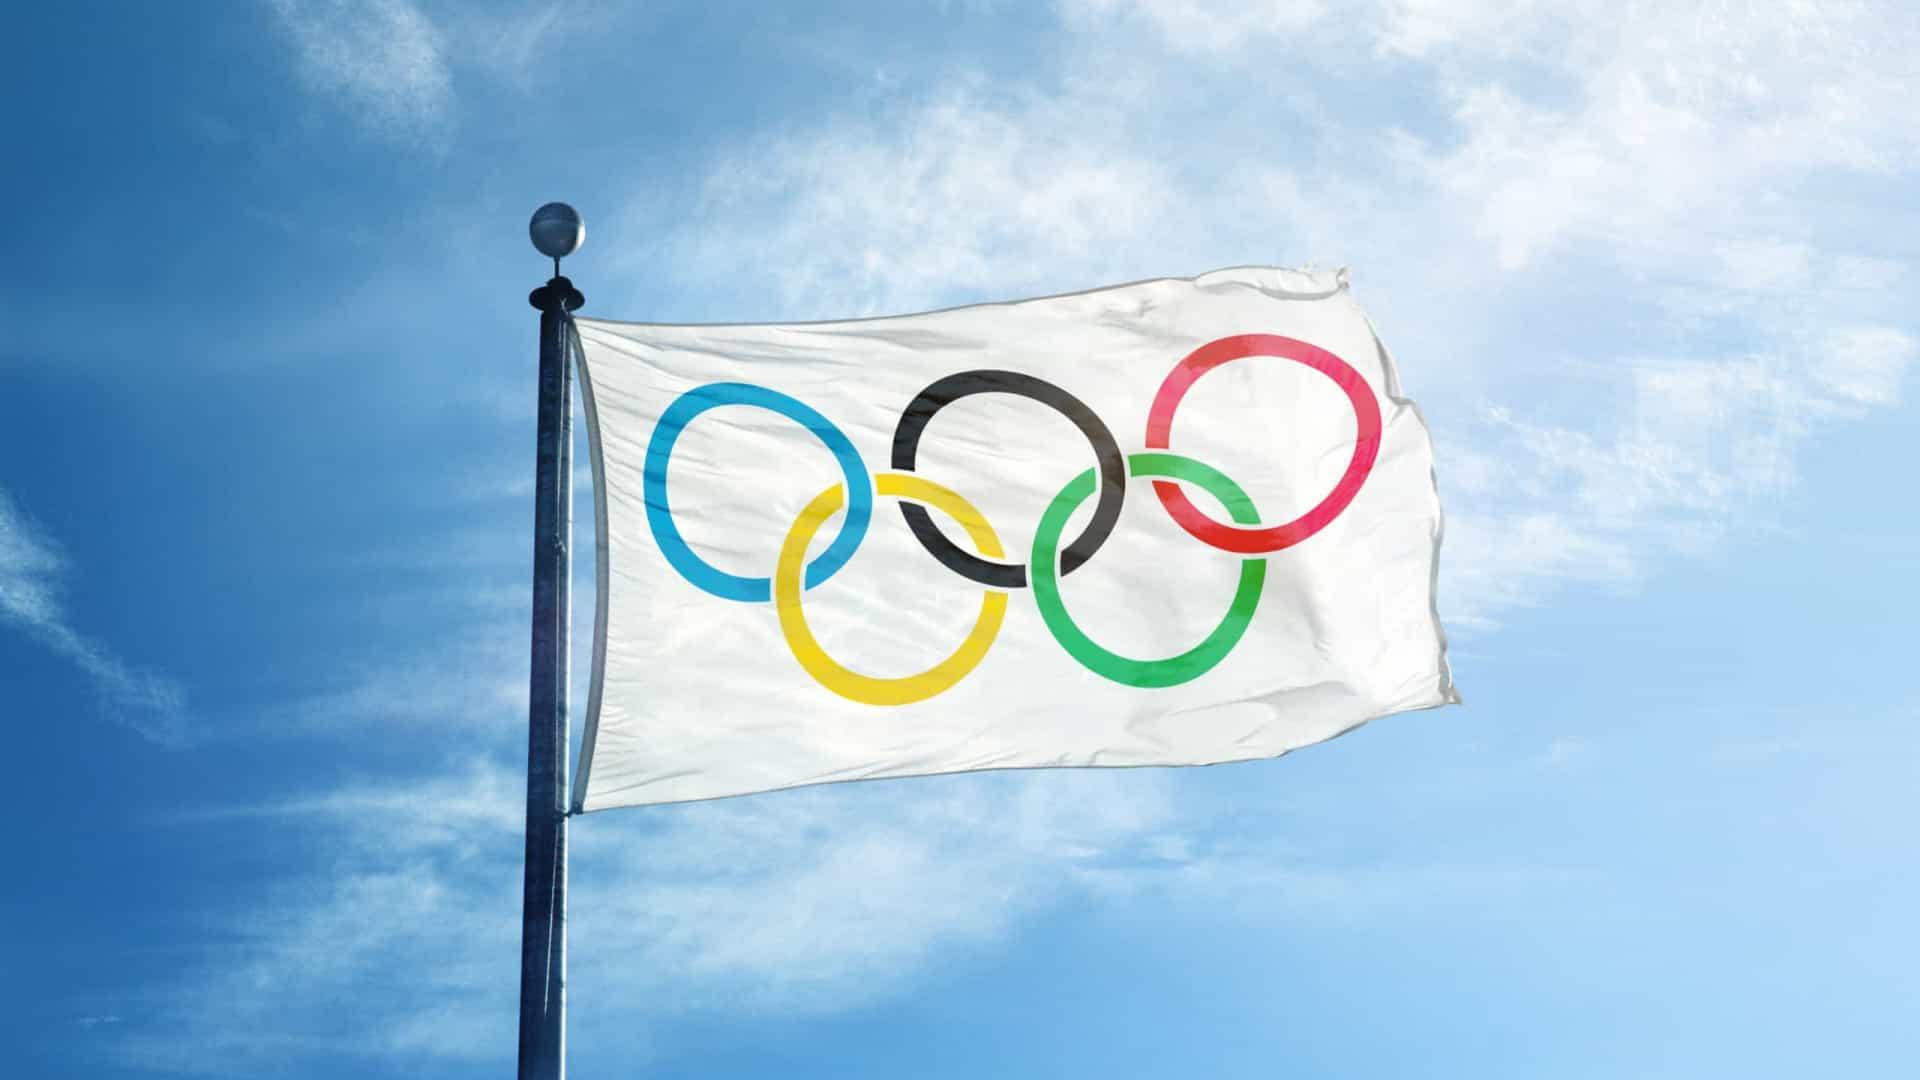 Após decisão de Tóquio, Hokkaido e Fukushima vetam público em Jogos Olímpicos